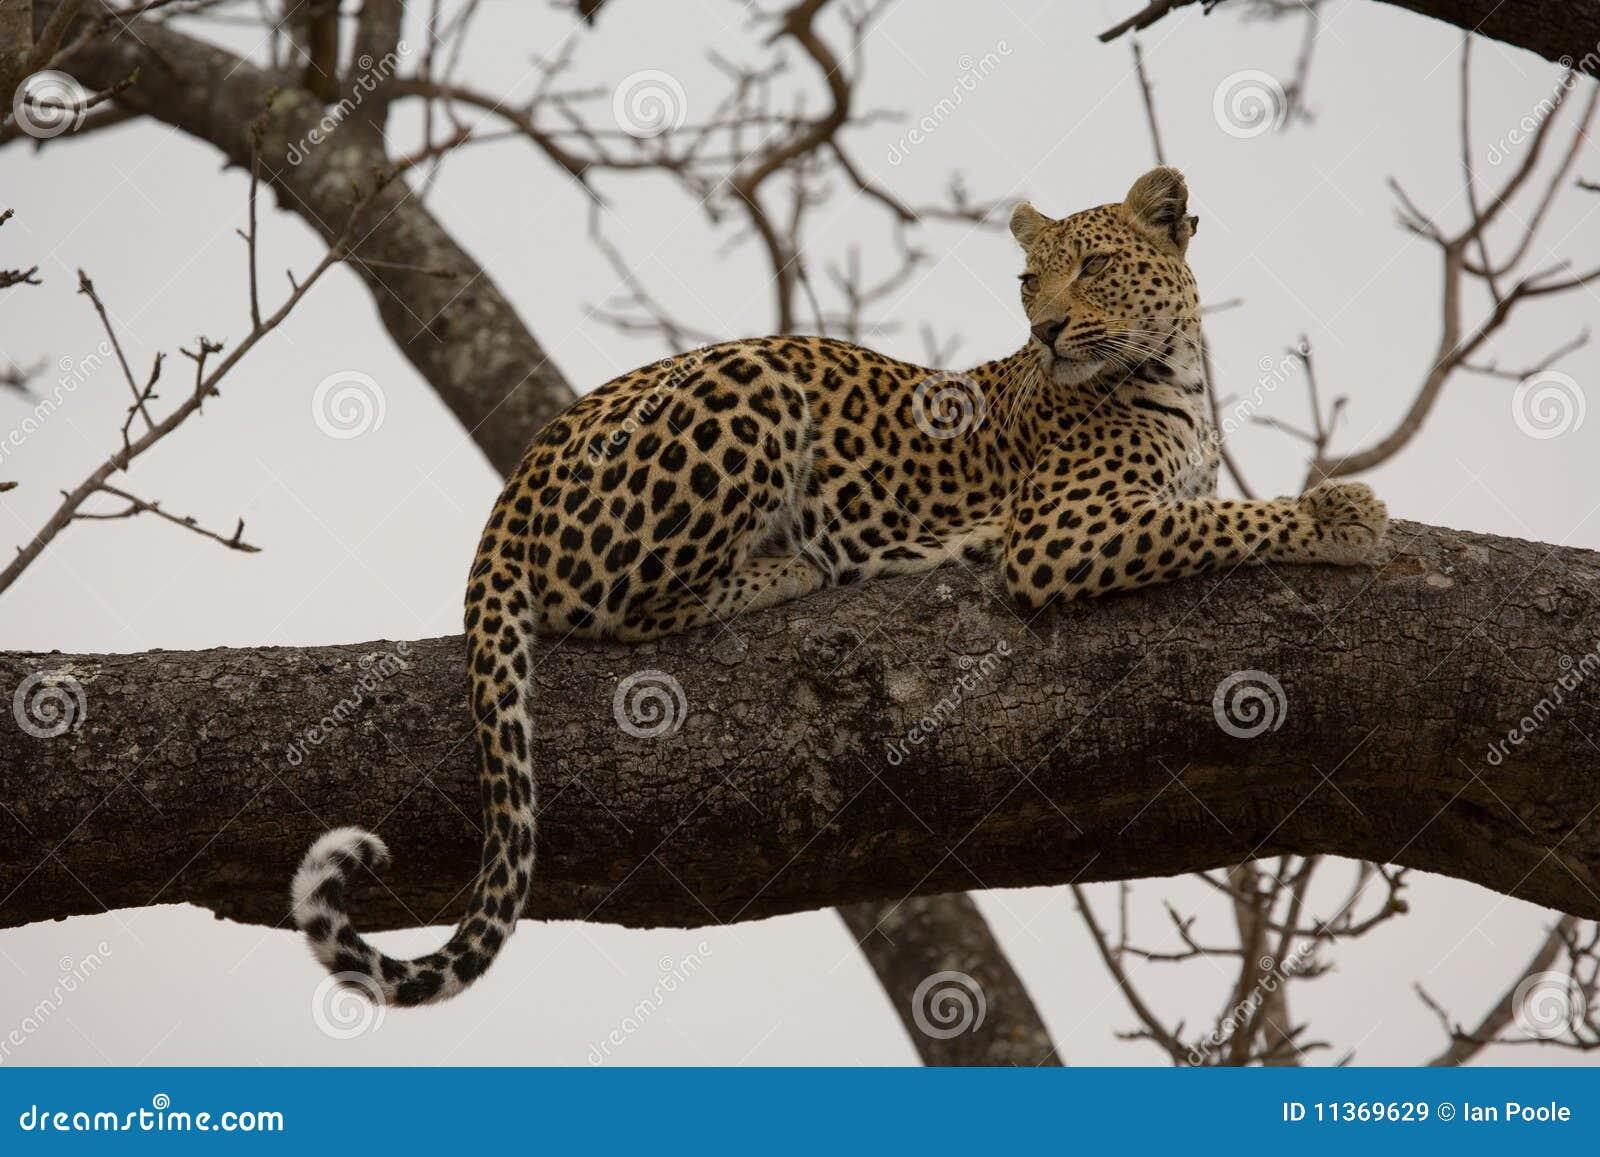 Leopard Im Baum Stockbild Bild Von Leben Katze Spiel